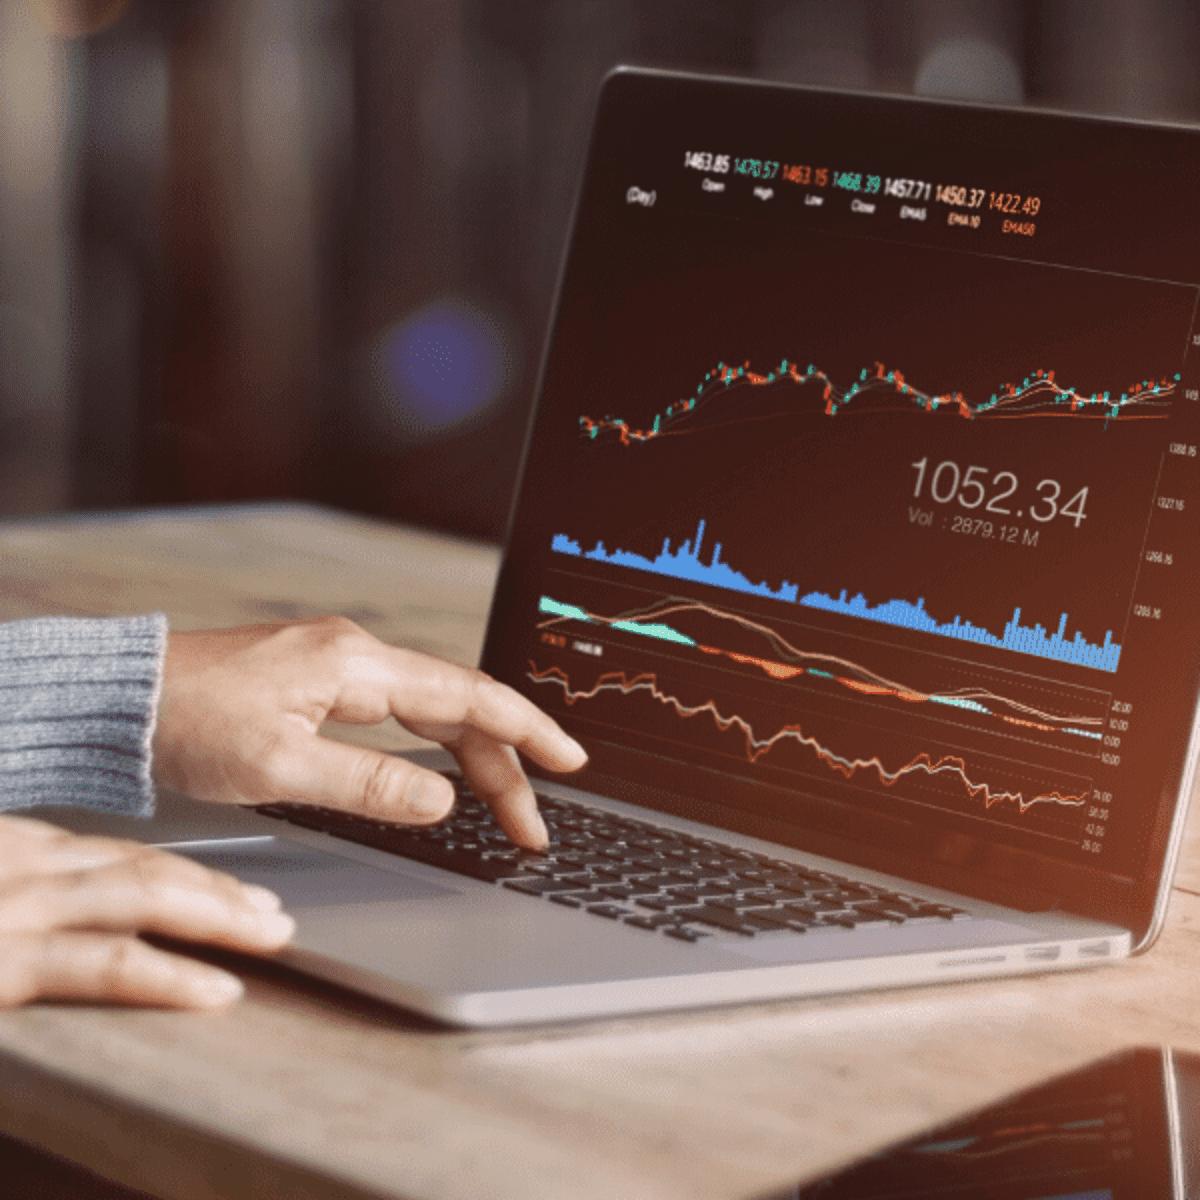 Belajar Apa Itu Trading Forex Cara Main Risiko Untuk Pemula Pinjaman Online Investasi Keuangan Asuransi Duwitmu